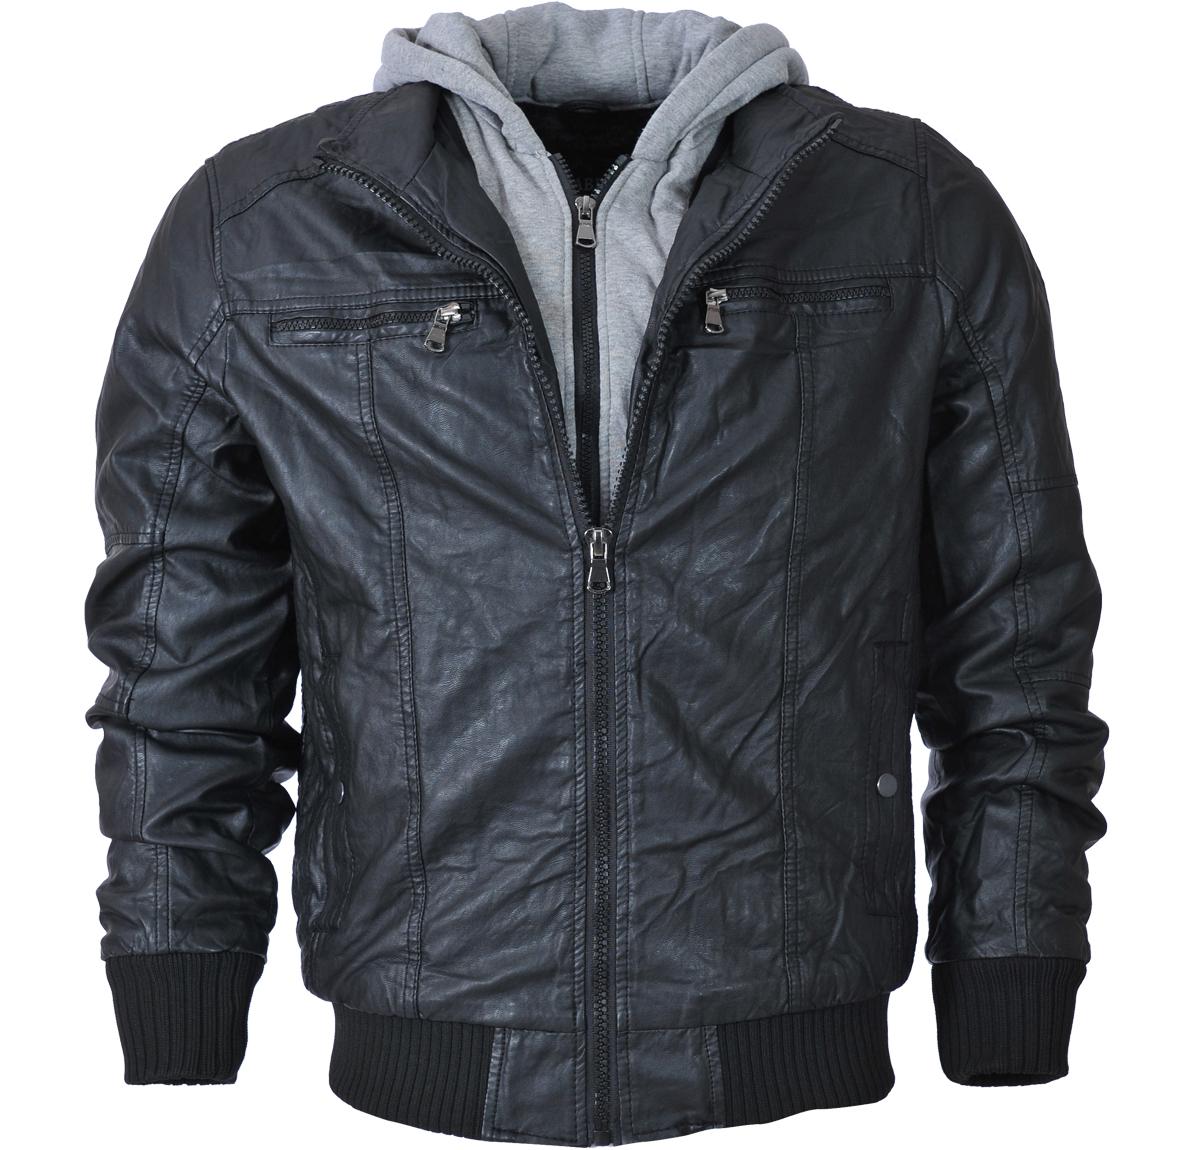 Ανδρικό Μπουφάν Δερματίνη Black-Μαύρο αρχική ανδρικά ρούχα μπουφάν